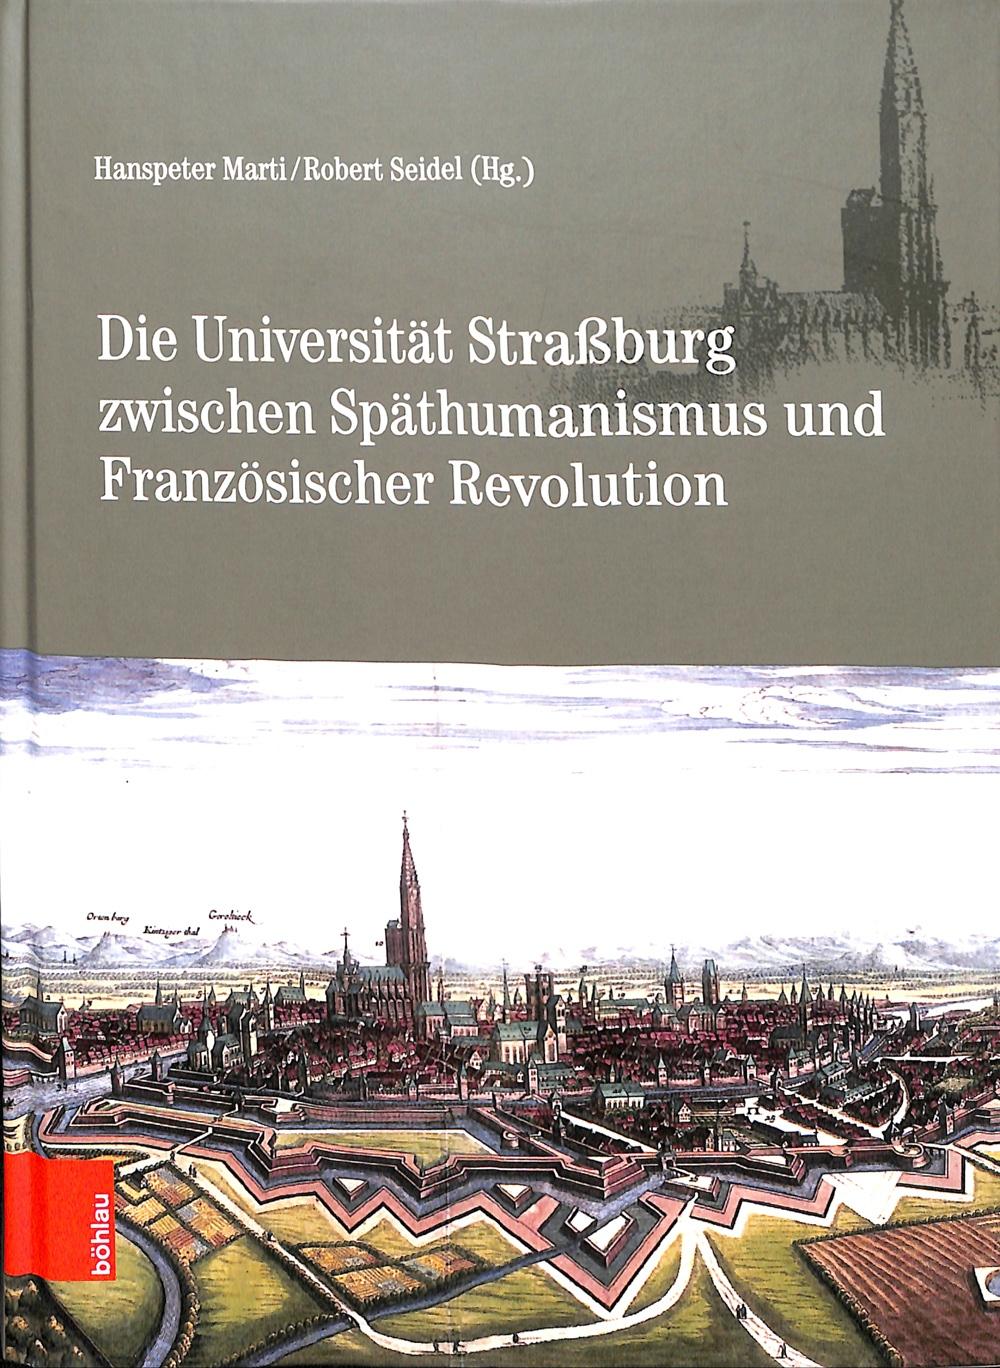 Die Universität Strassburg zwischen Späthumanismus und Französischer Revolution.